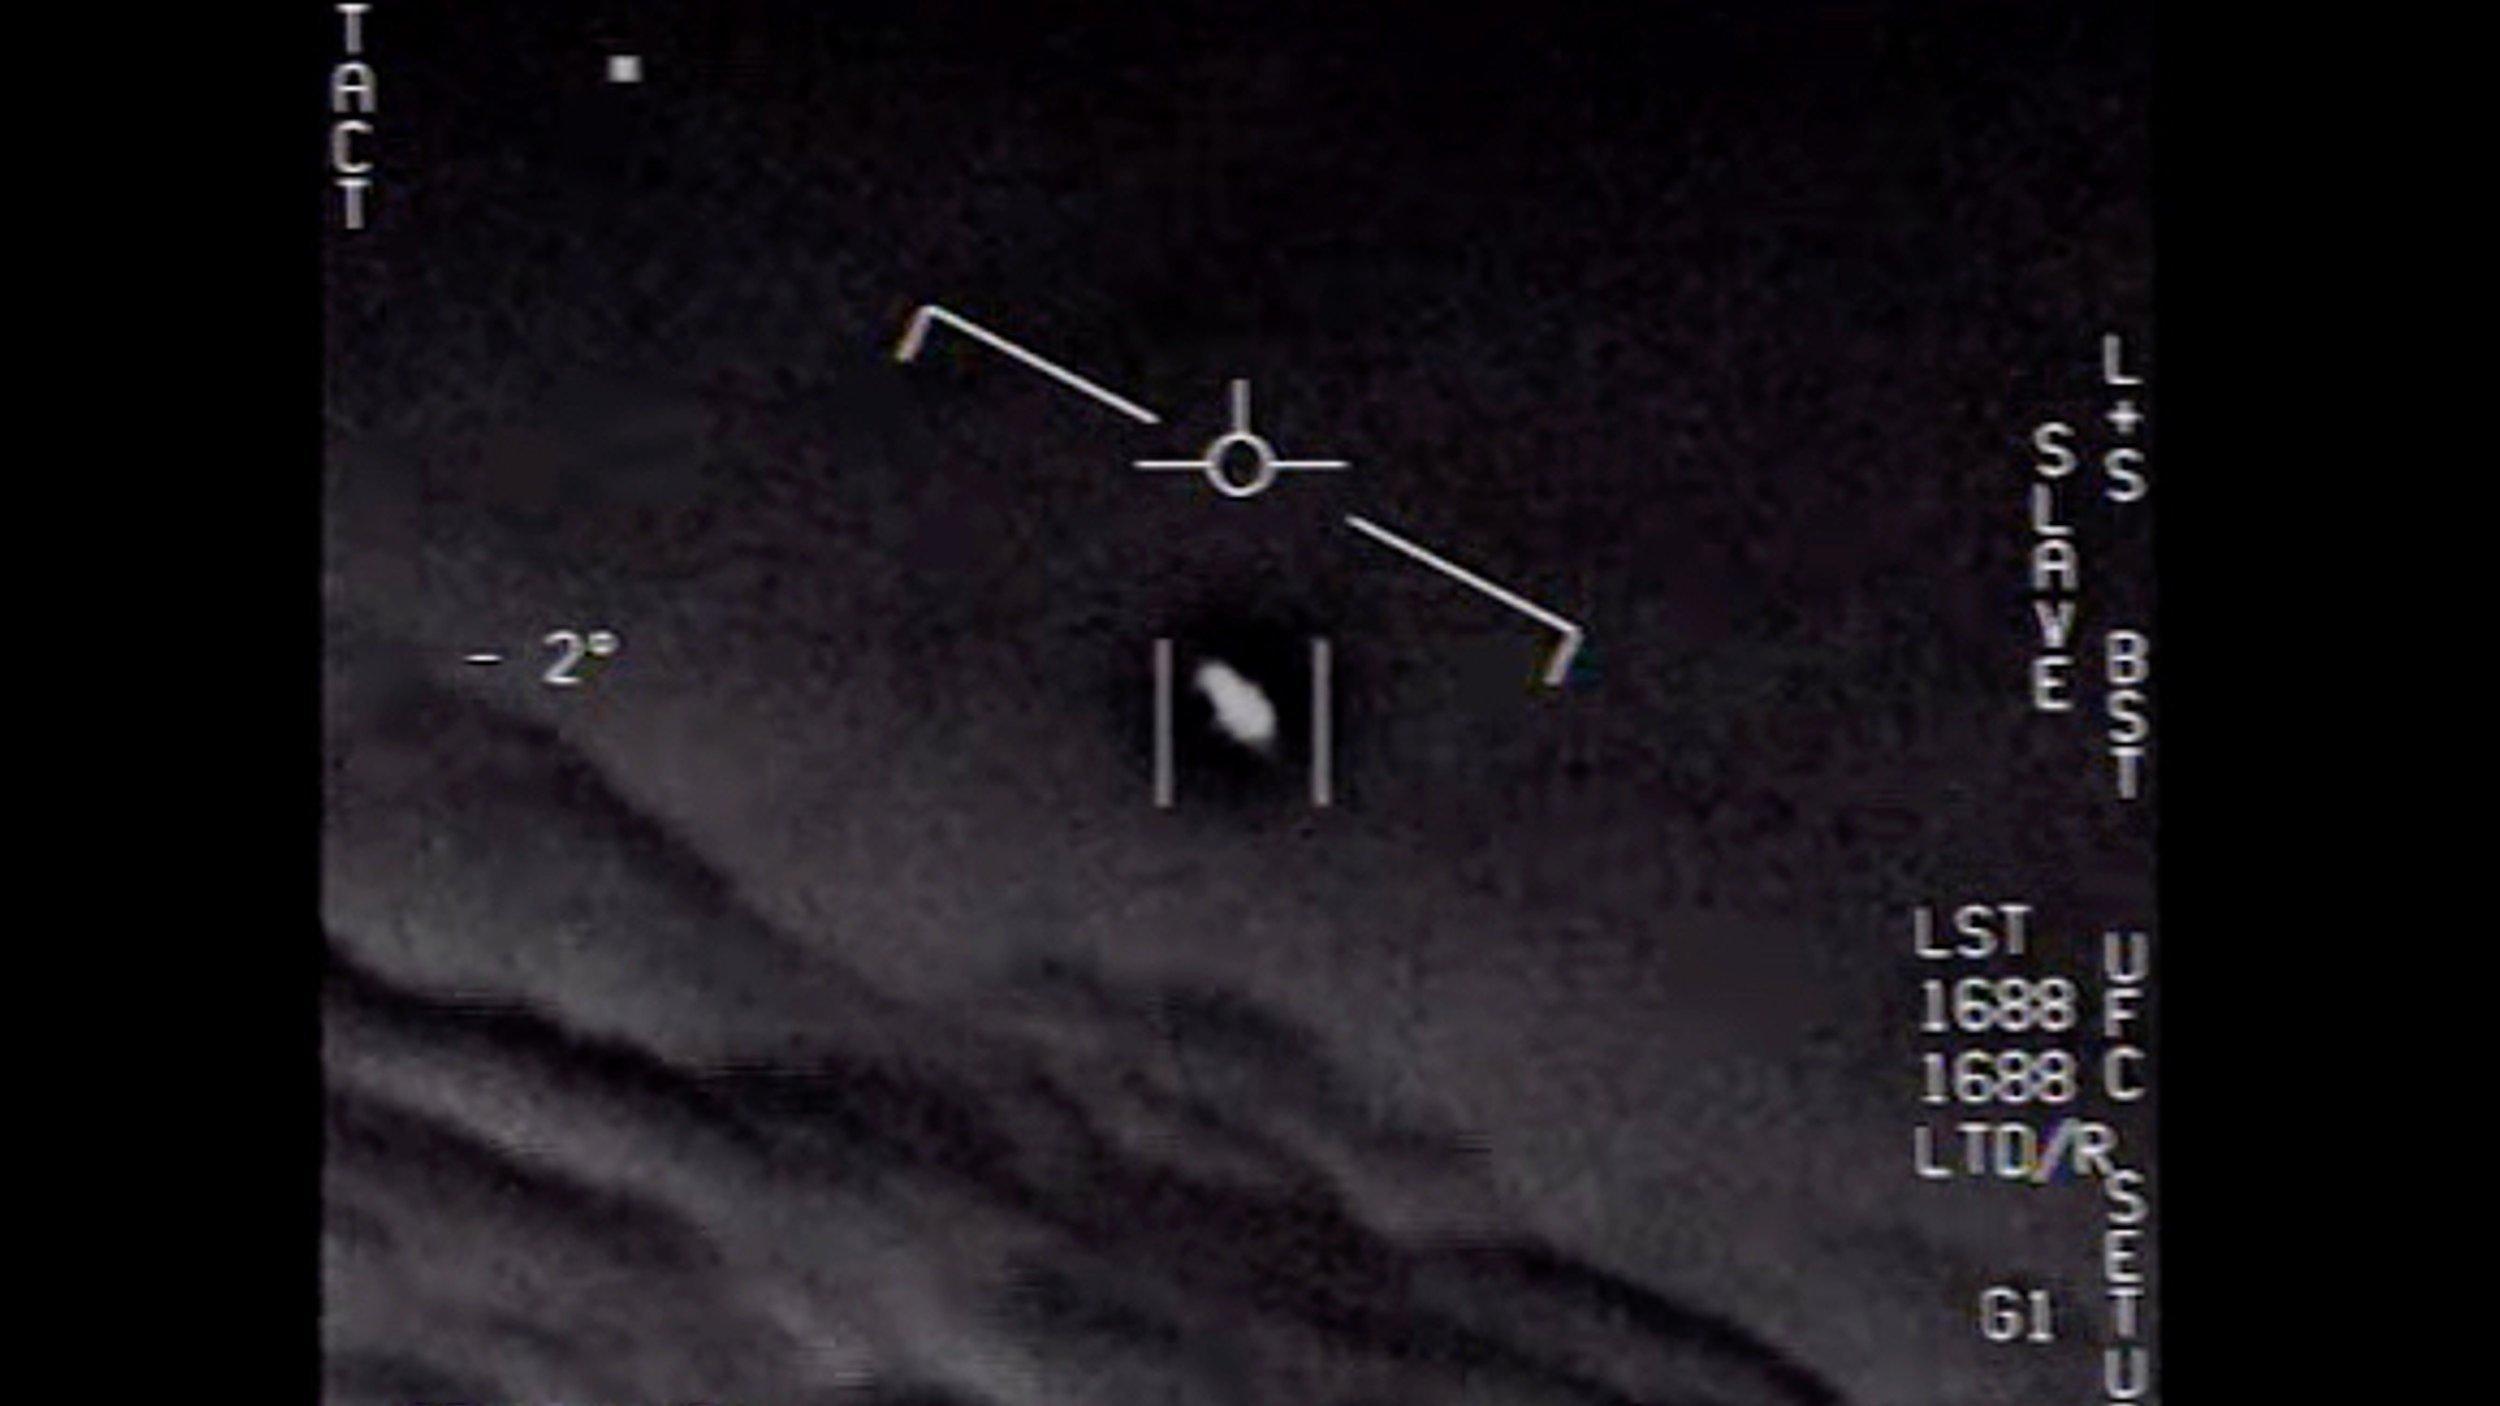 Foto aus einem Video des US-Militärs, das aus dem Cockpit eines Kampfpiloten stammt. Im Visier ein kleiner schwarzer Fleck, der sich mit großer Geschwindigkeit bewegte.